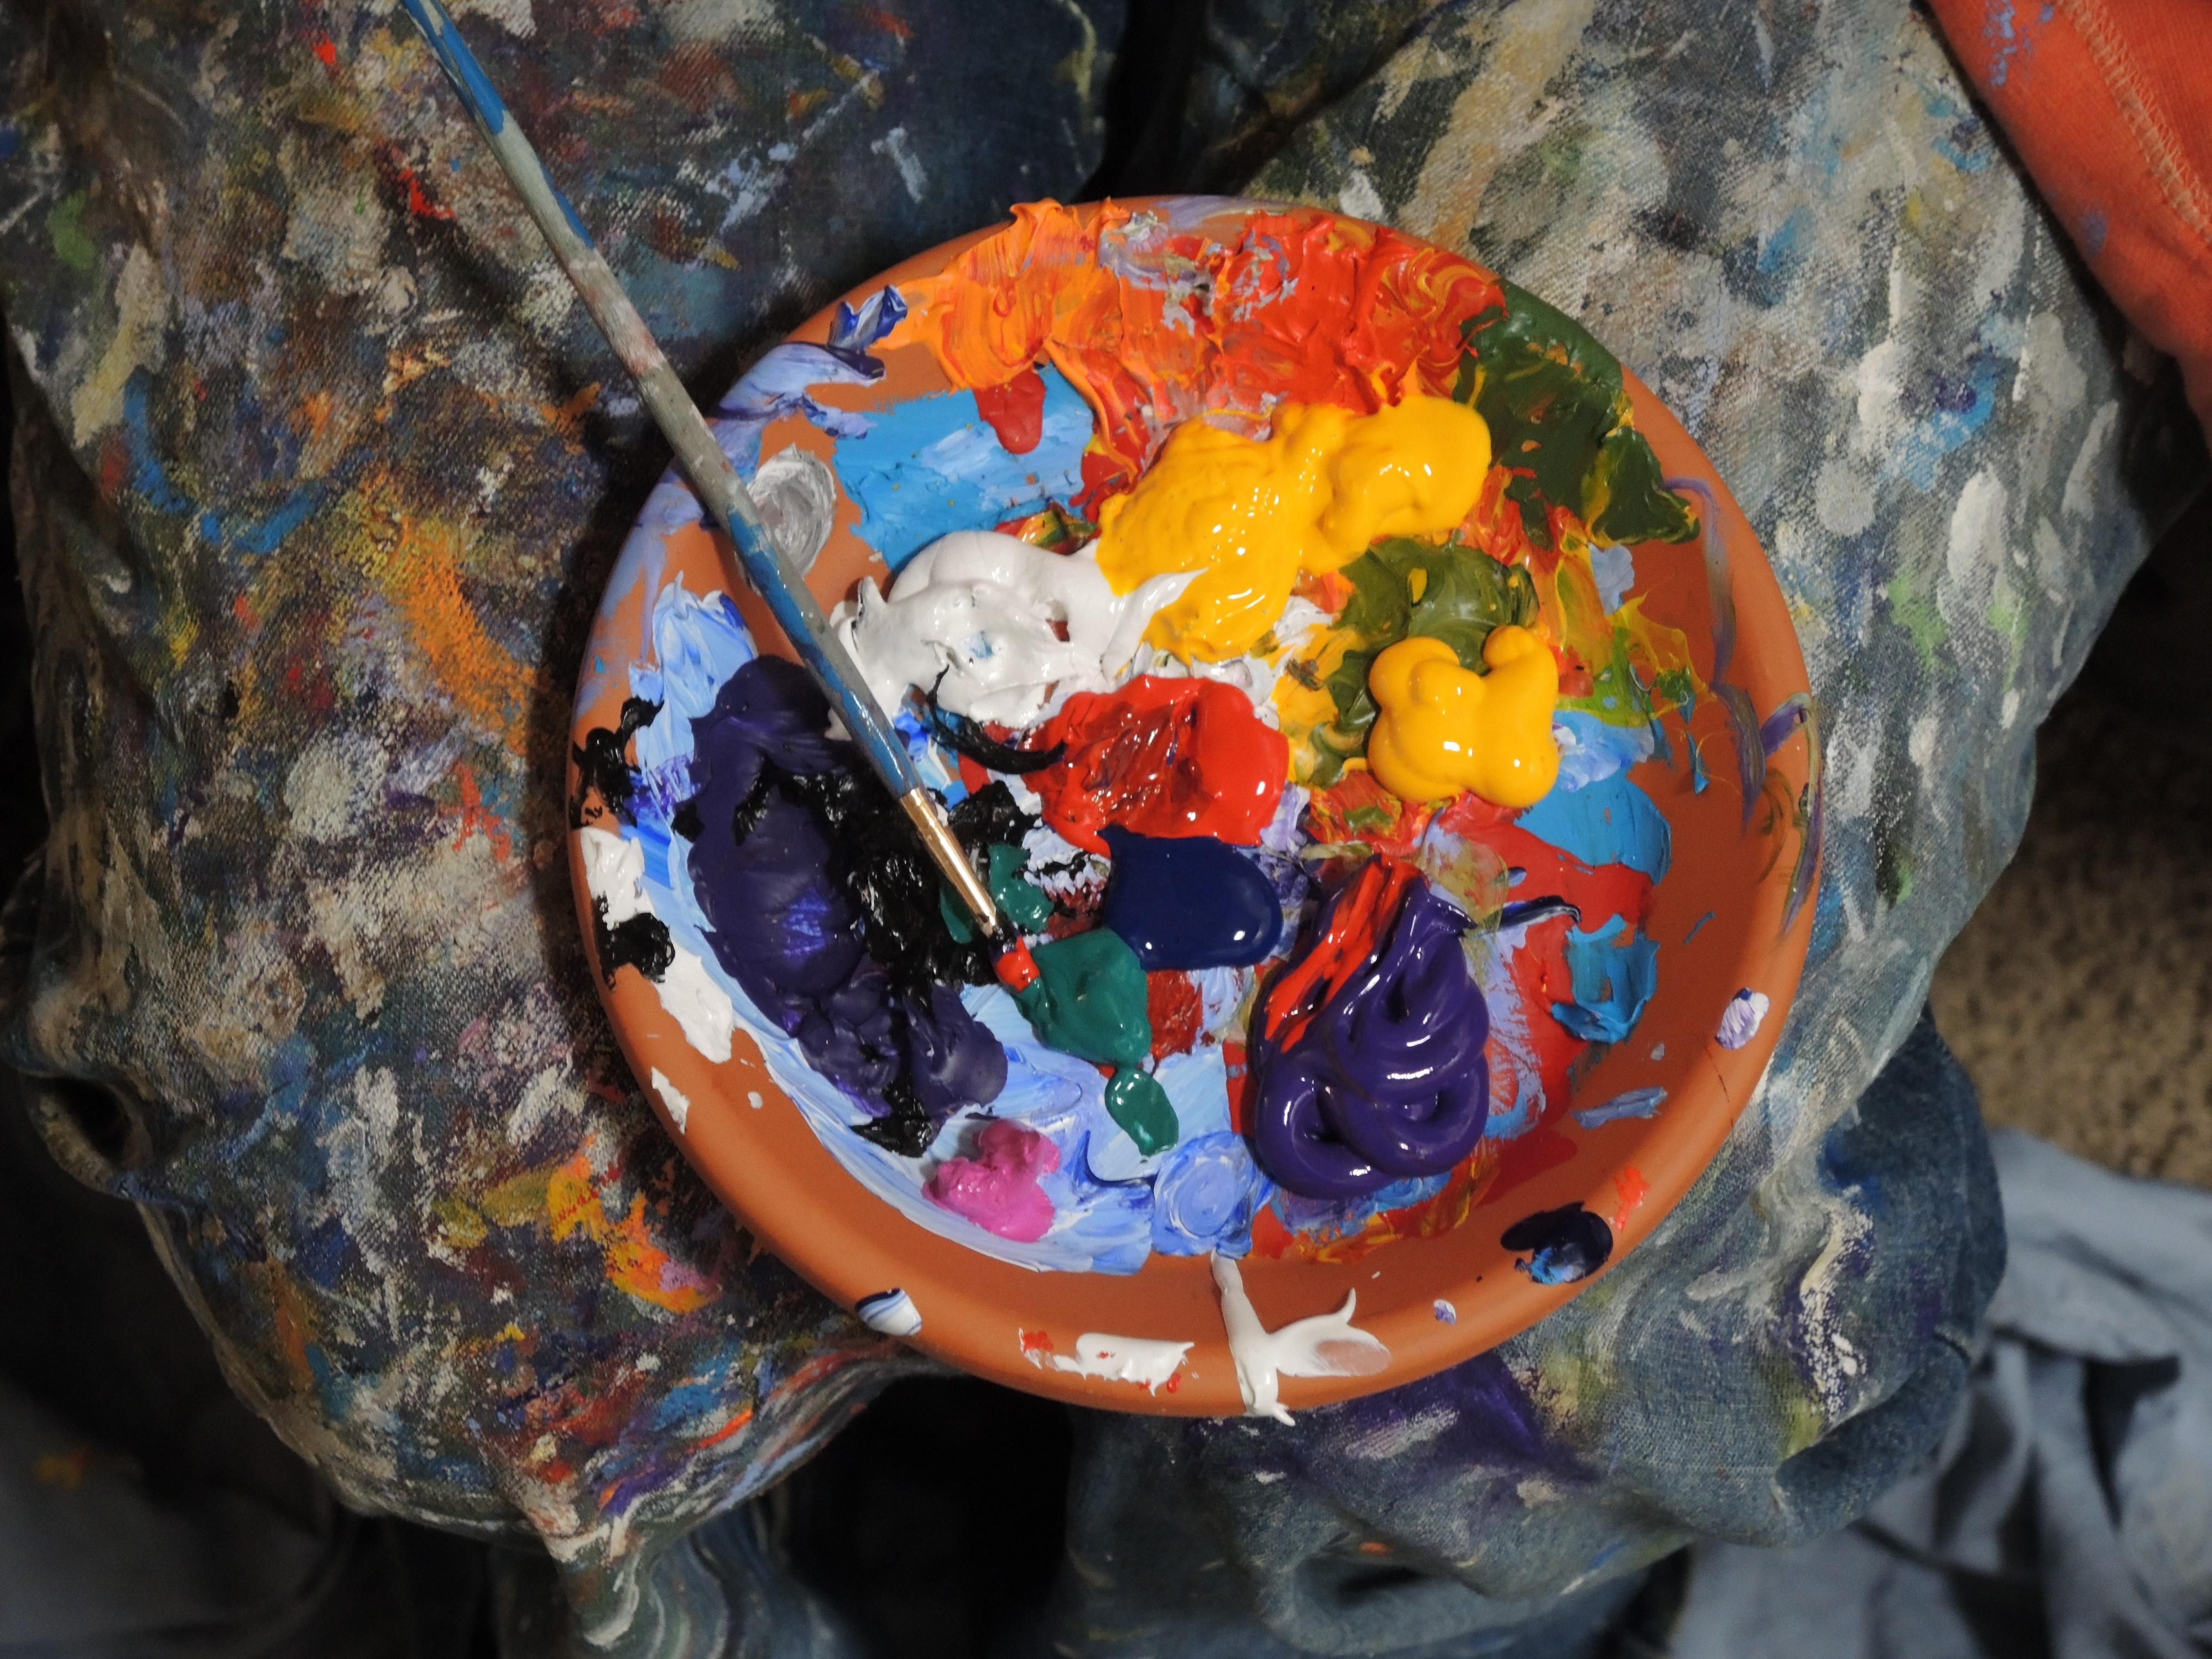 Colorful, Paint, Kit, Bowl, Color, HQ Photo